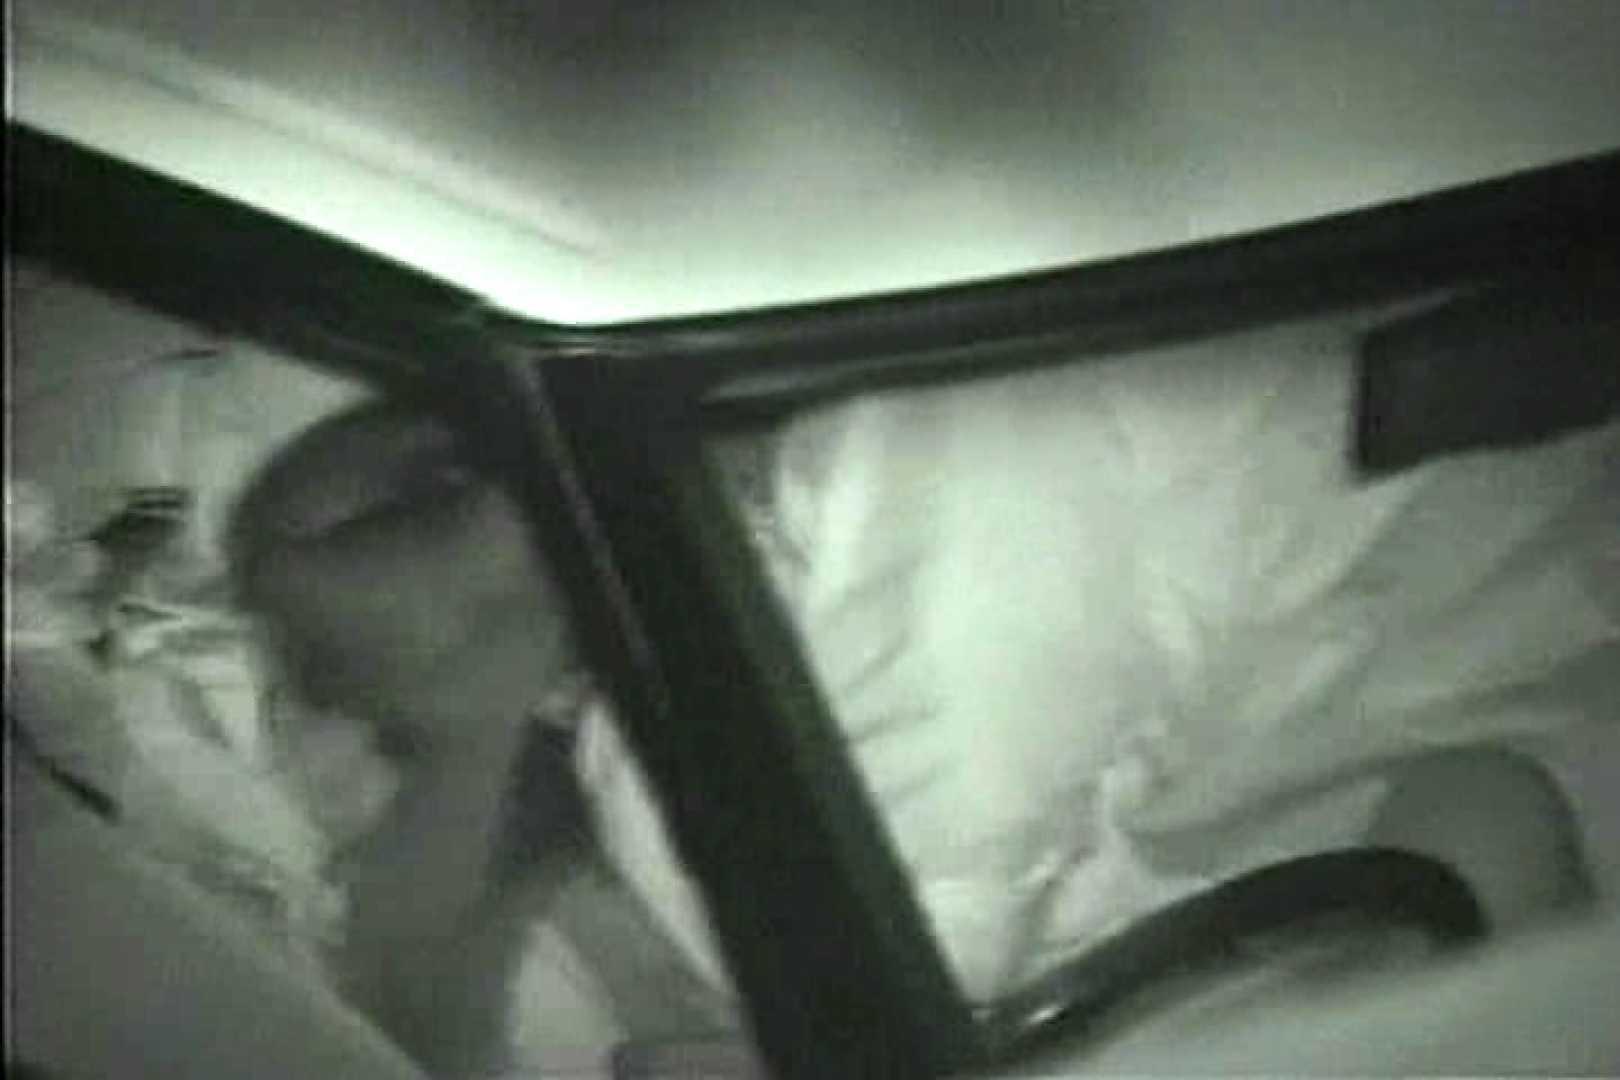 車の中はラブホテル 無修正版  Vol.9 望遠 オマンコ動画キャプチャ 60画像 4